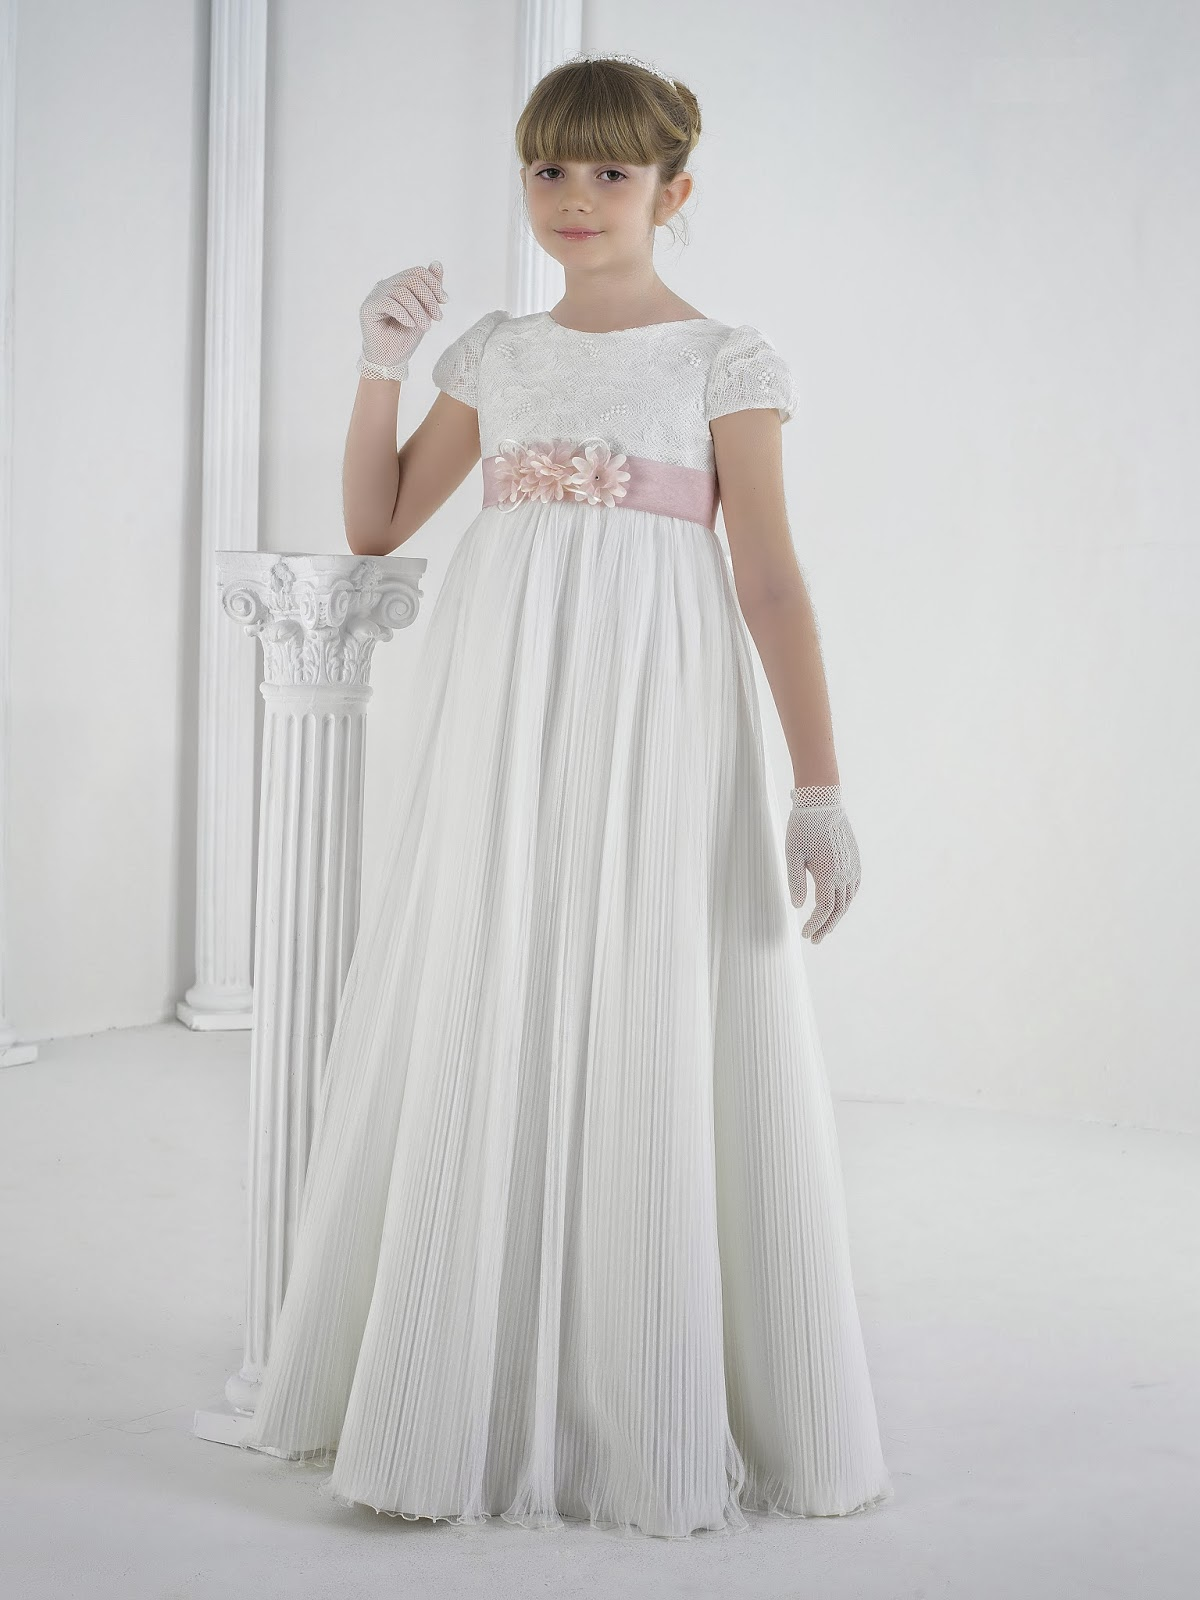 Vestidos comunion glamour parla